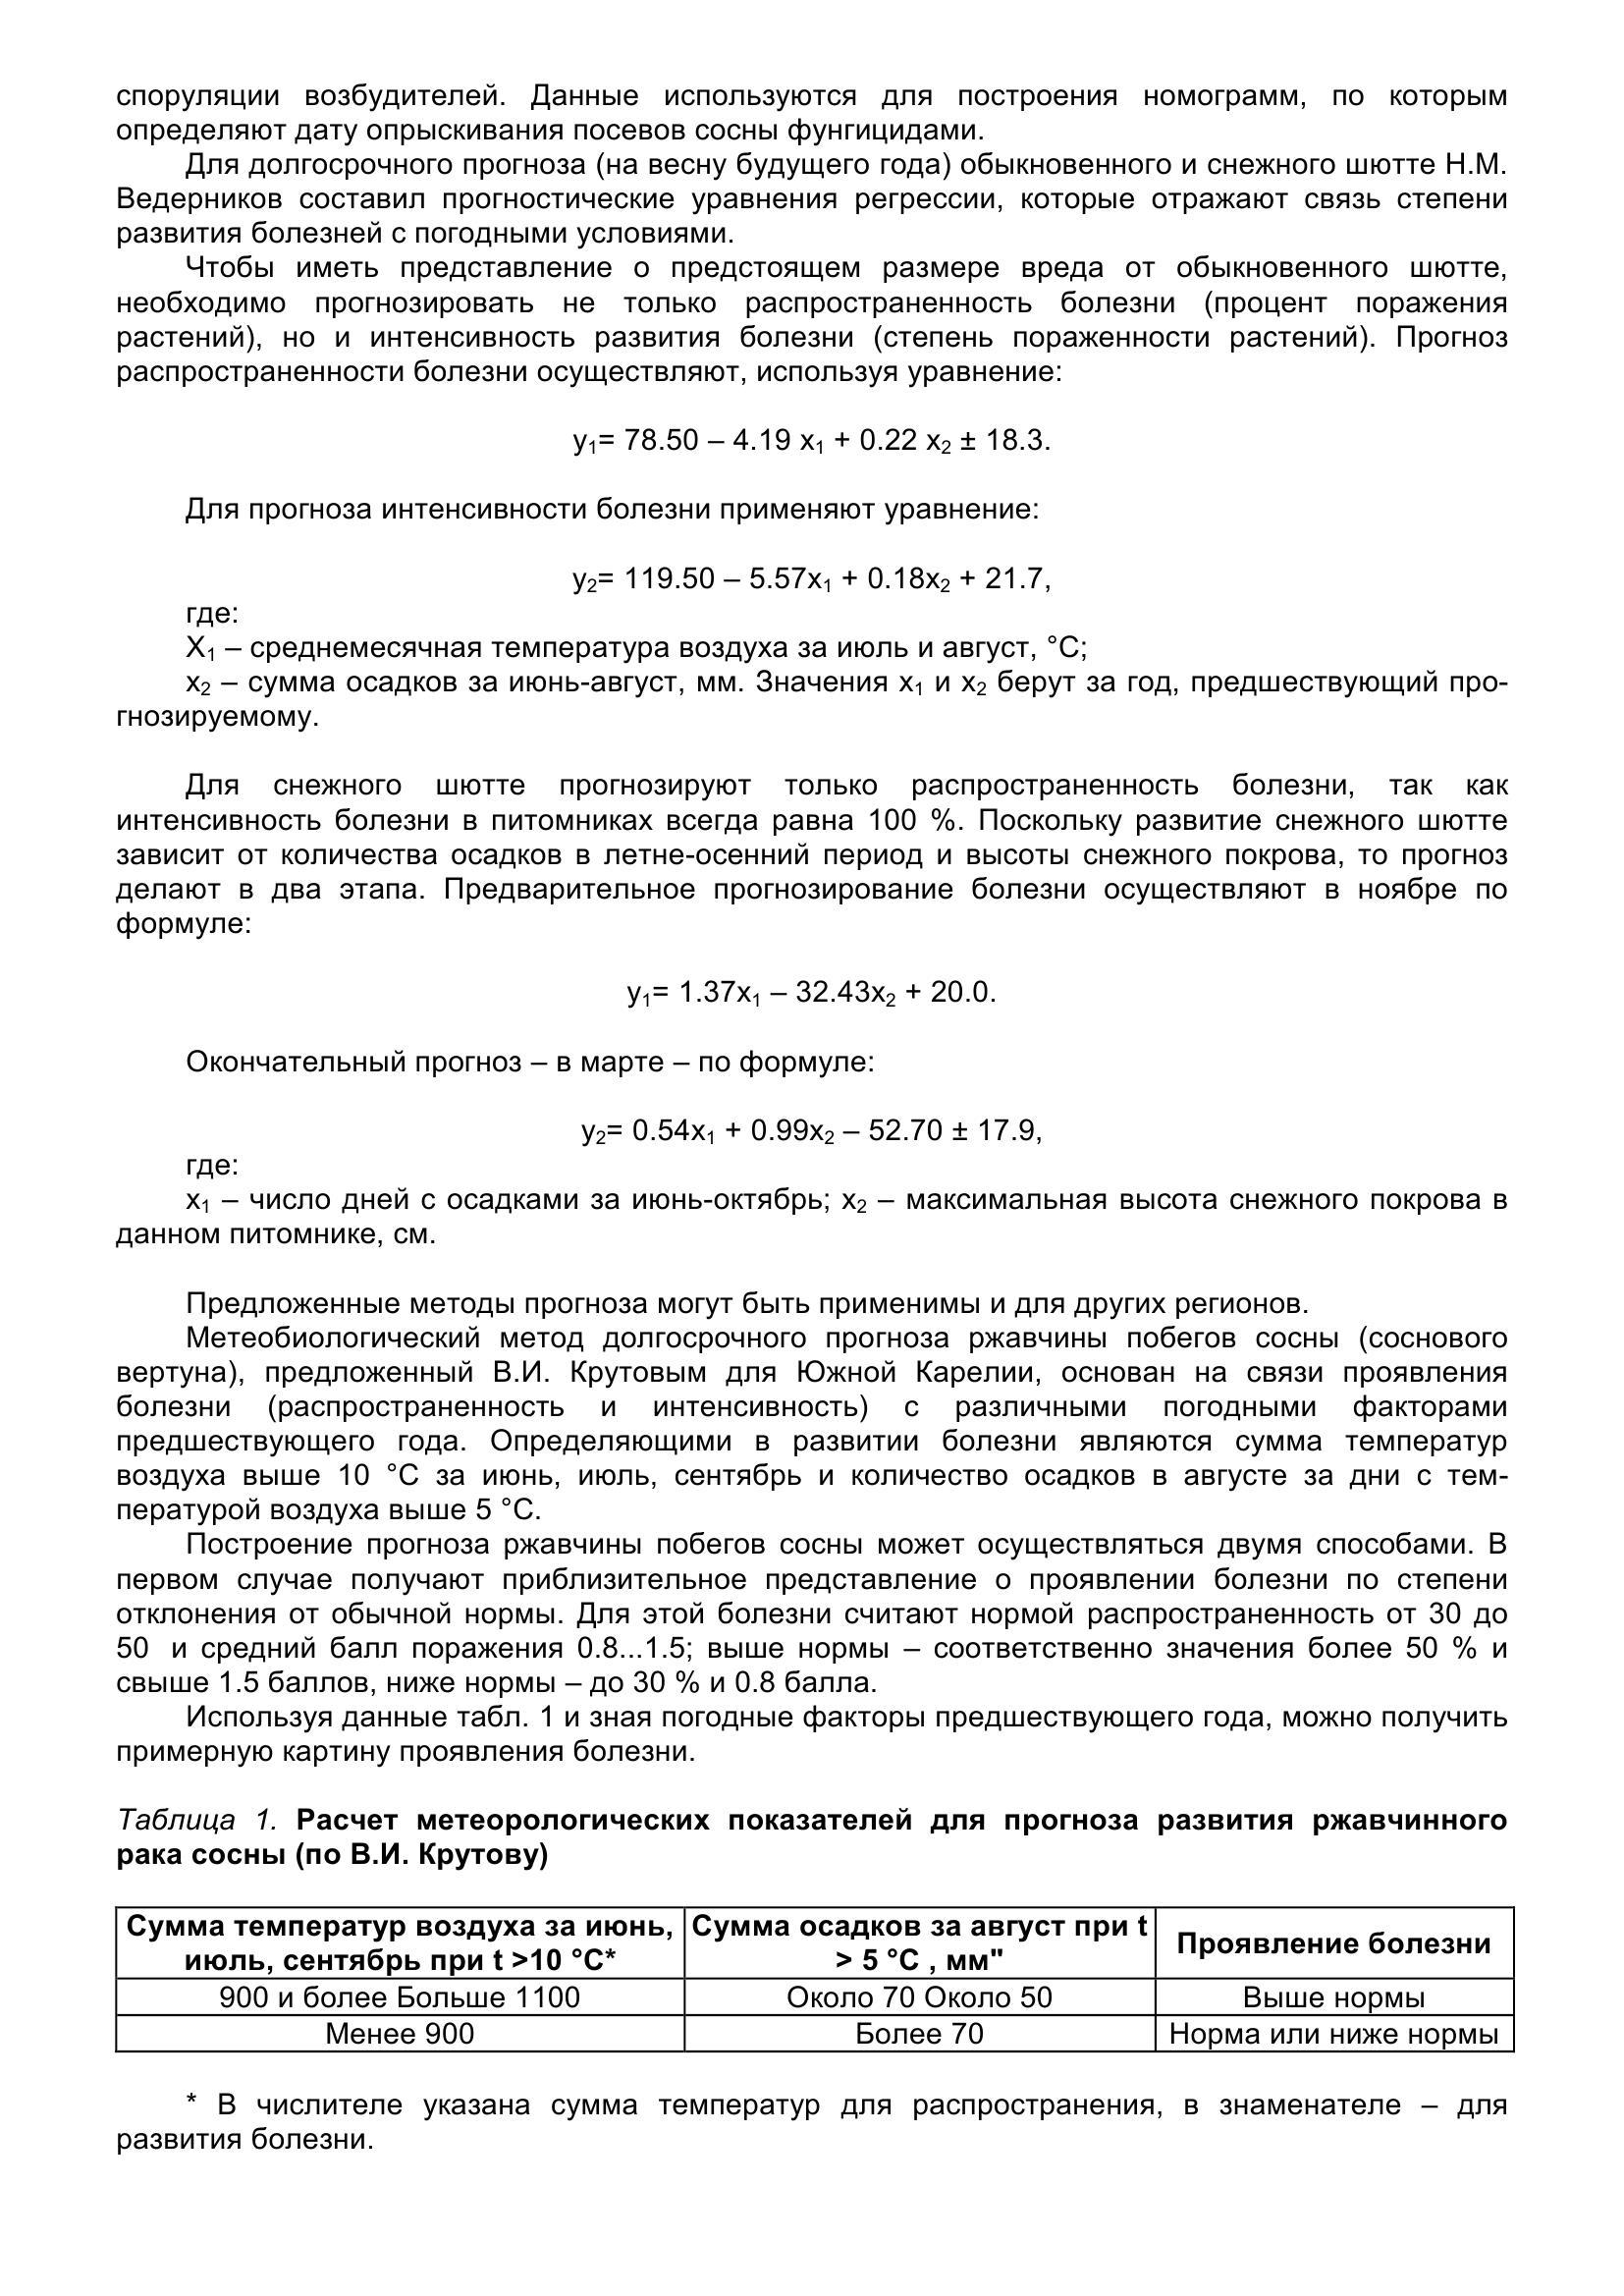 Болезни_древесных_растений_010.jpg